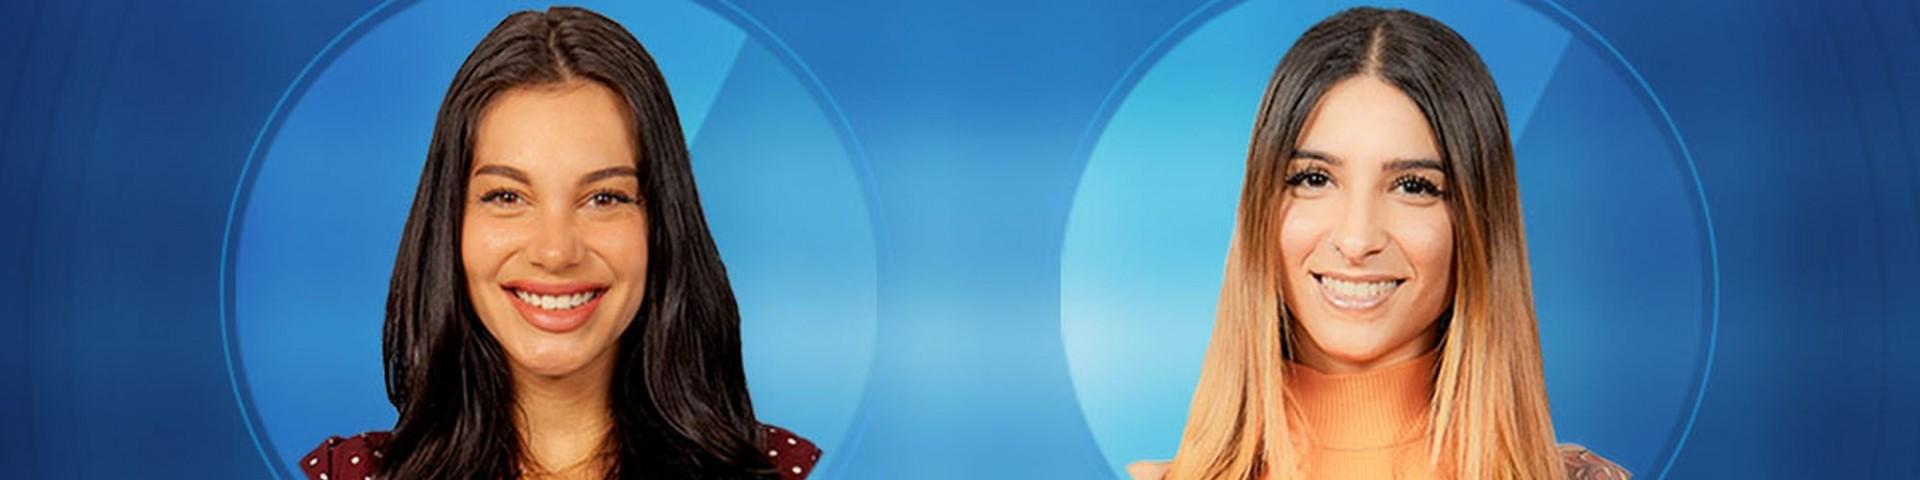 Erica e Audrey: chi è l'eliminata della seconda puntata del Grande Fratello 16?